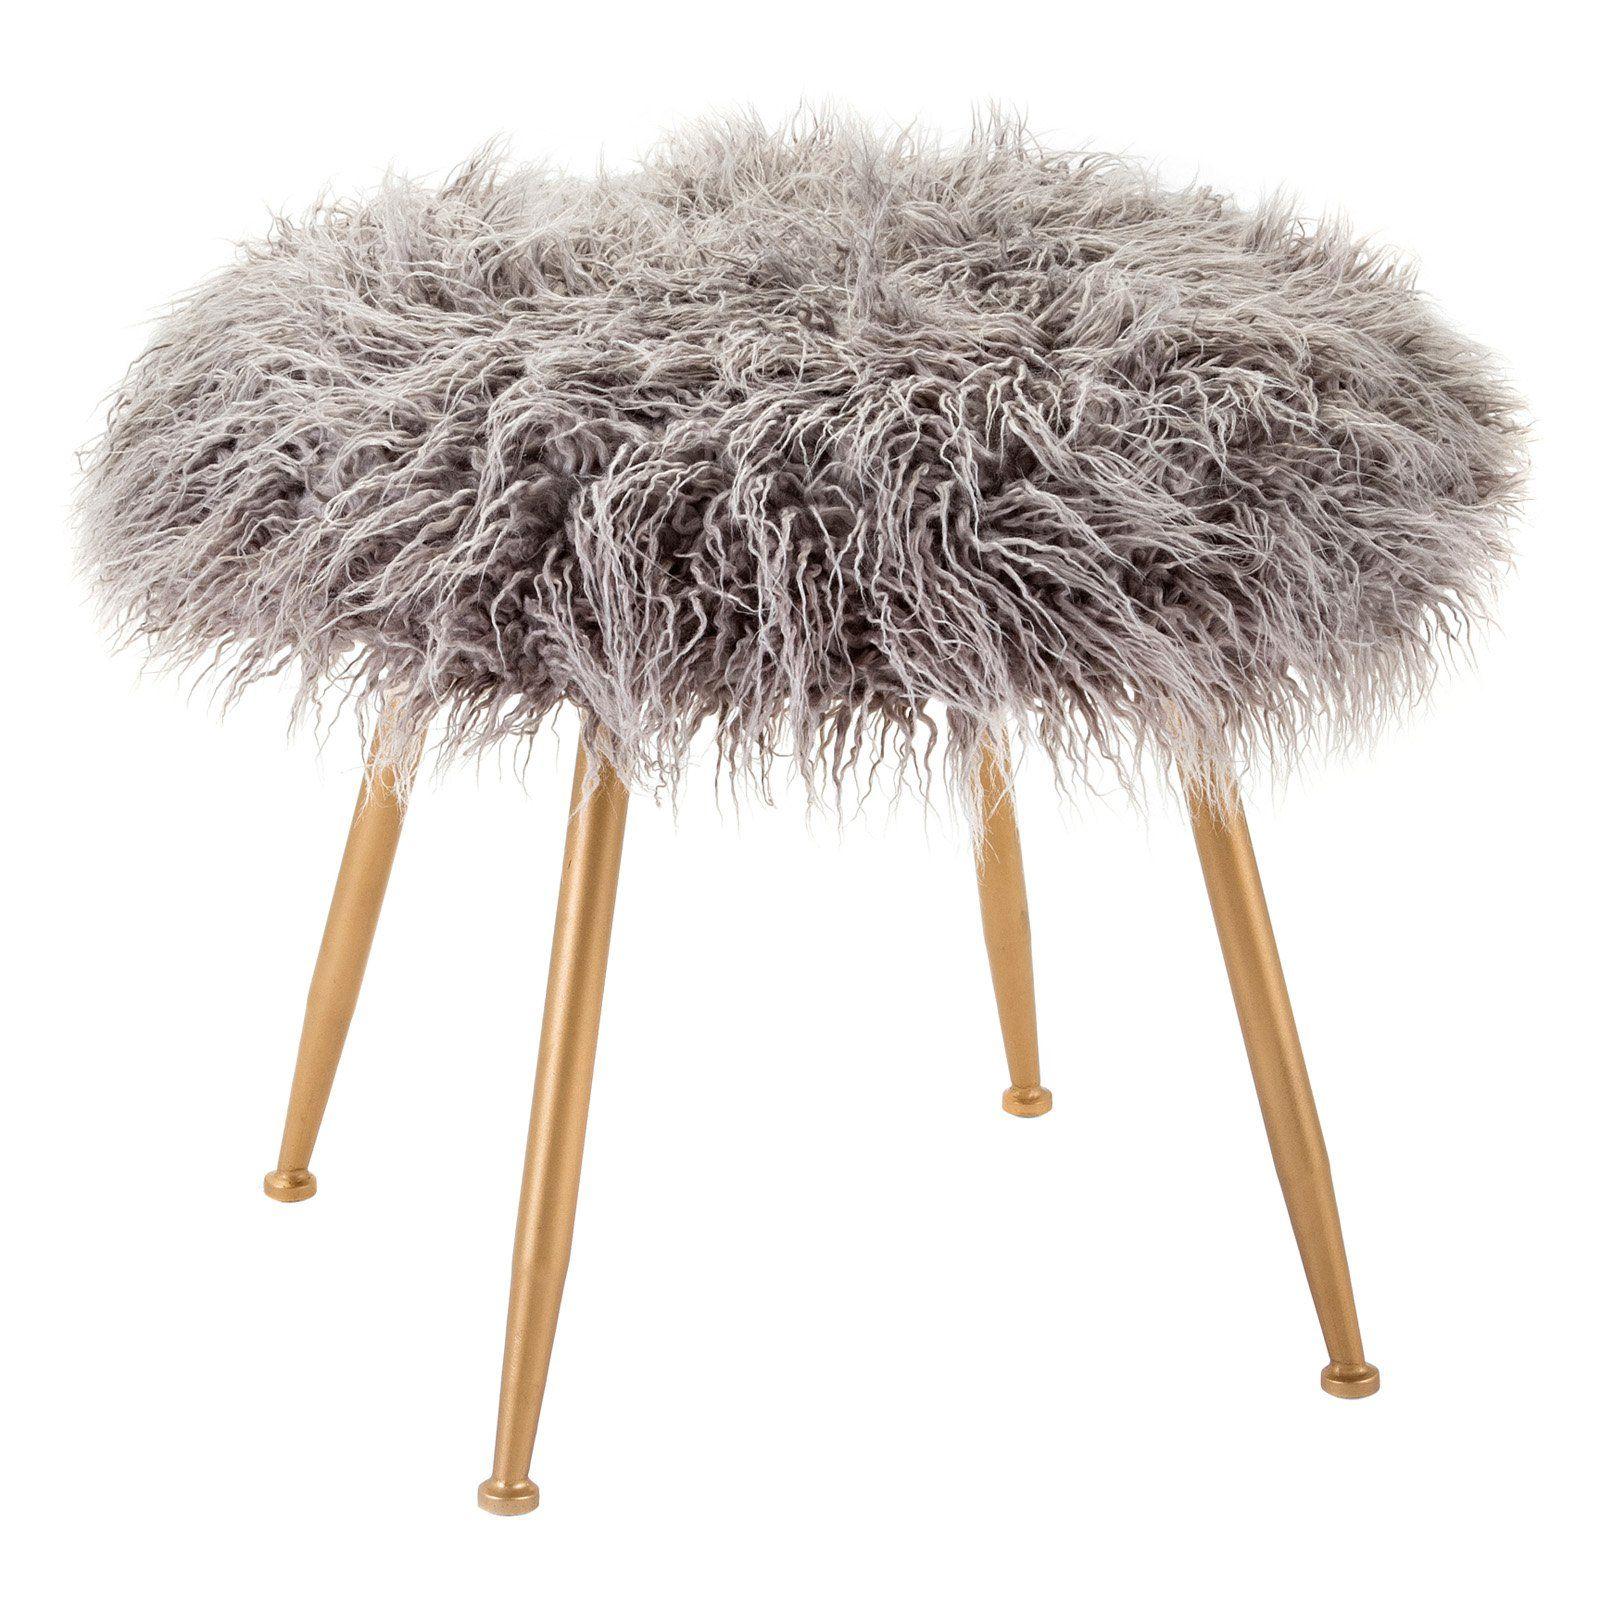 Imax Vadden Fuzzy Stool Fuzzy stool, Stool, Imax